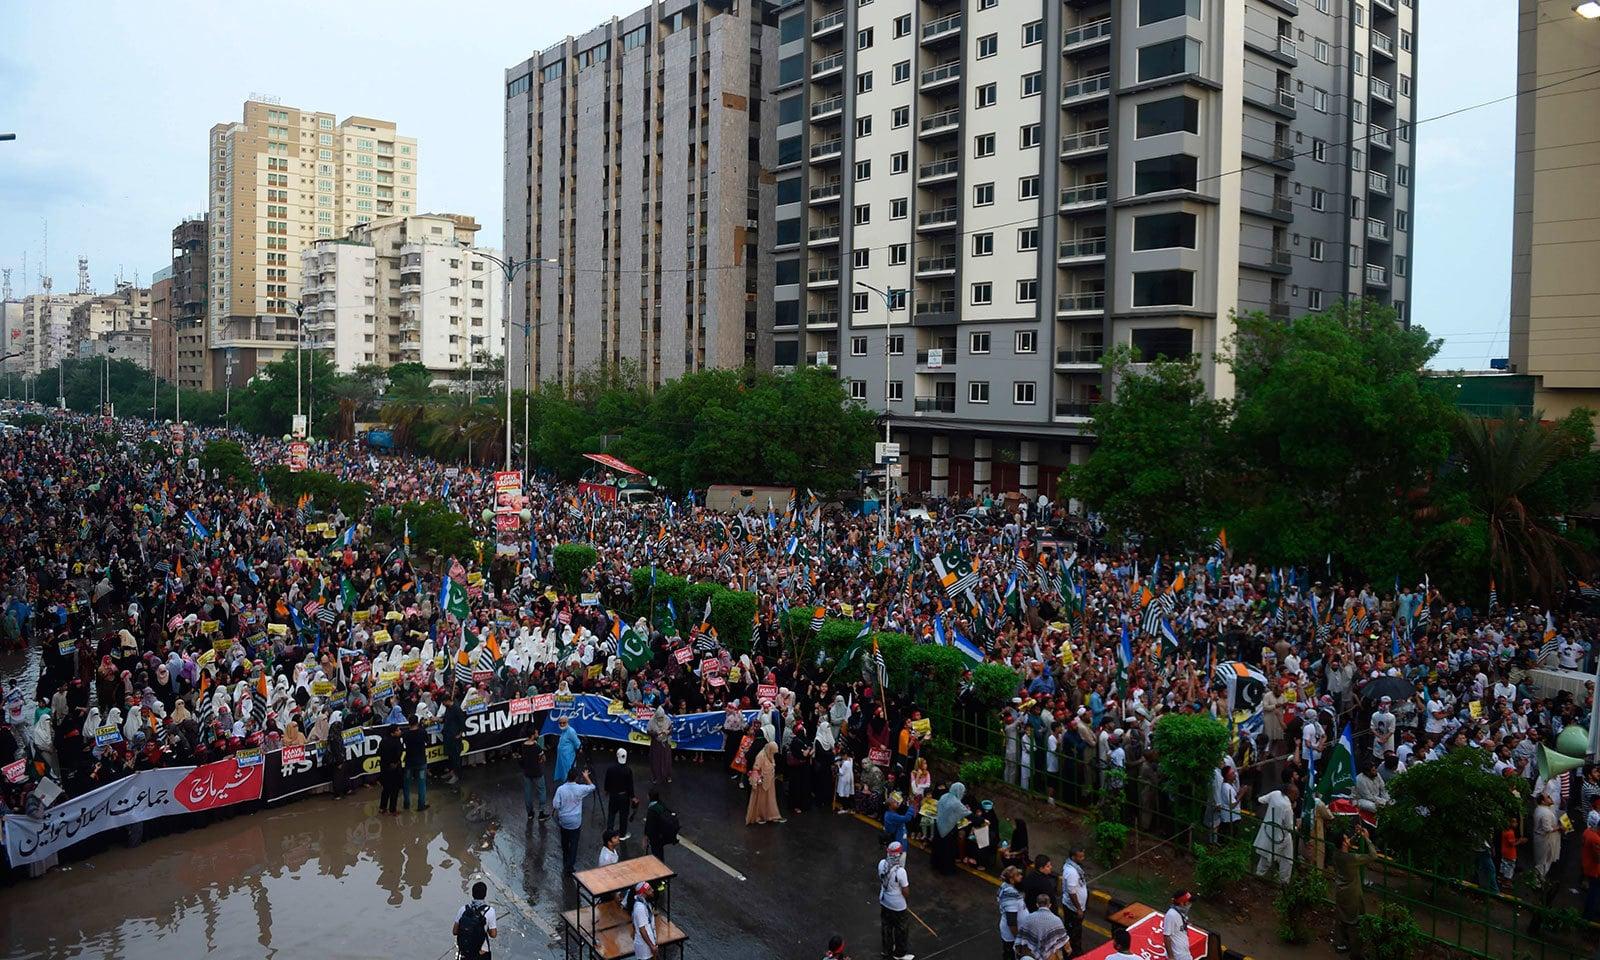 کراچی میں موسلادھار بارش کے باوجود ہزاروں افراد آزادی کشمیر ریلی میں شرکت کی—فوٹو:اے ایف پی